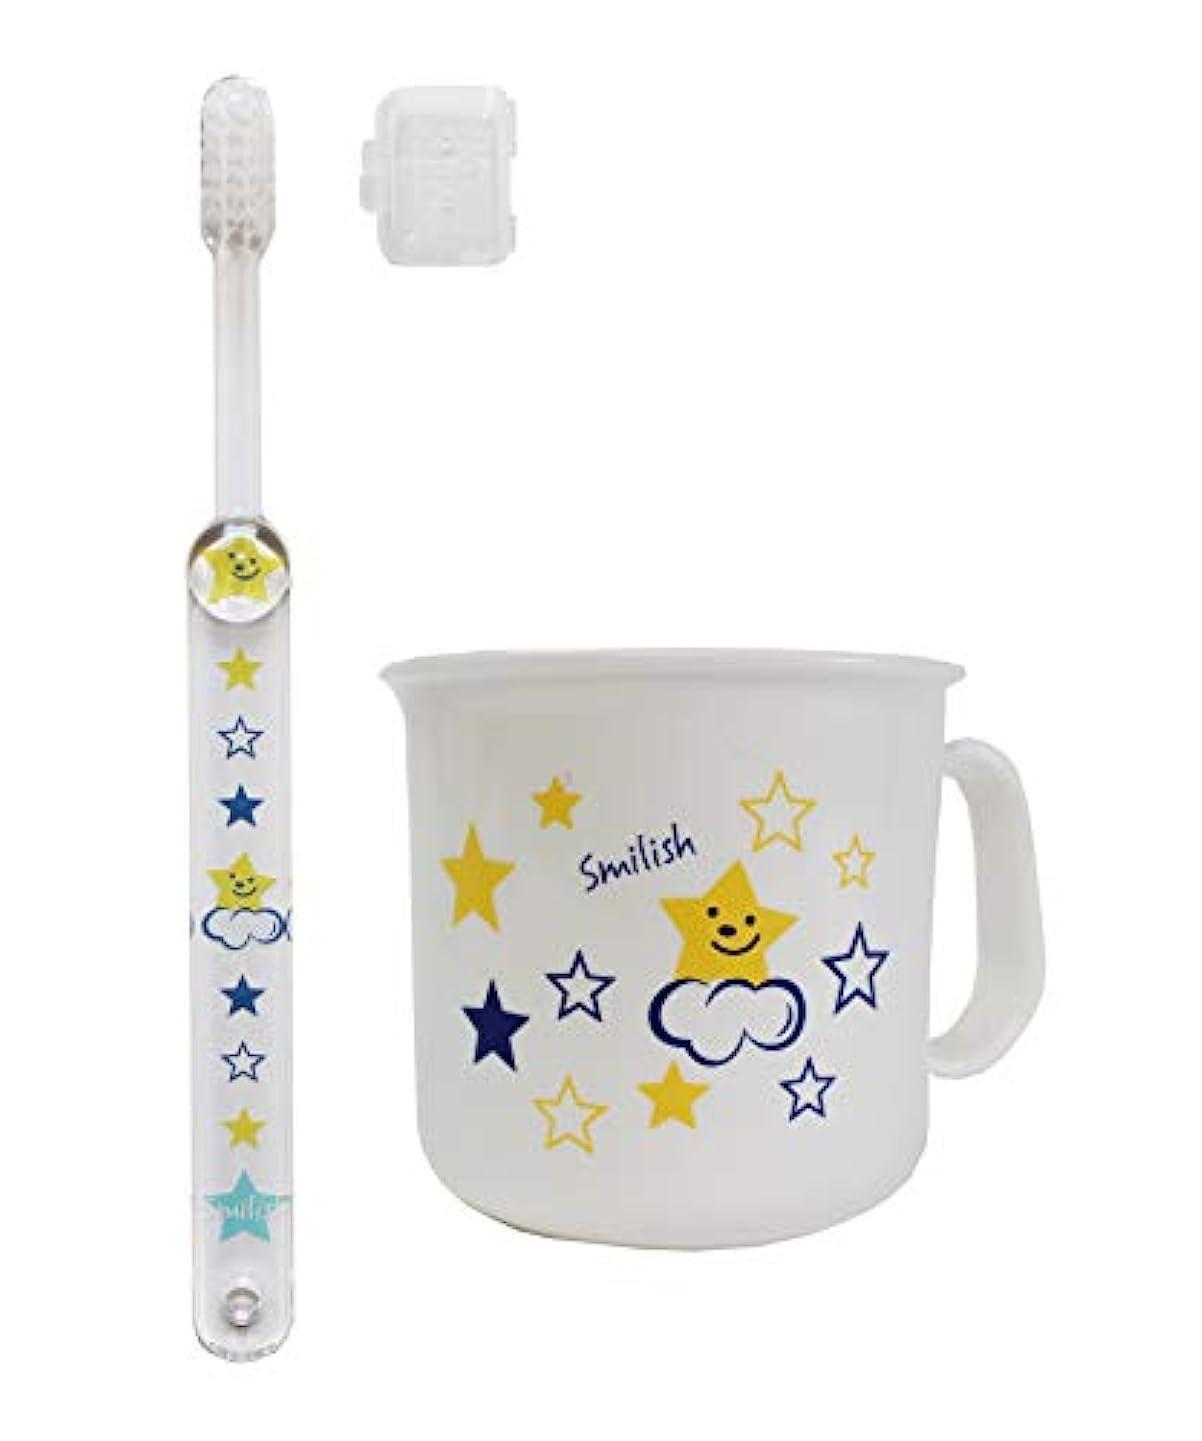 テメリティクック一晩子ども歯ブラシ(キャップ付き) 耐熱コップセット スマイリースター柄